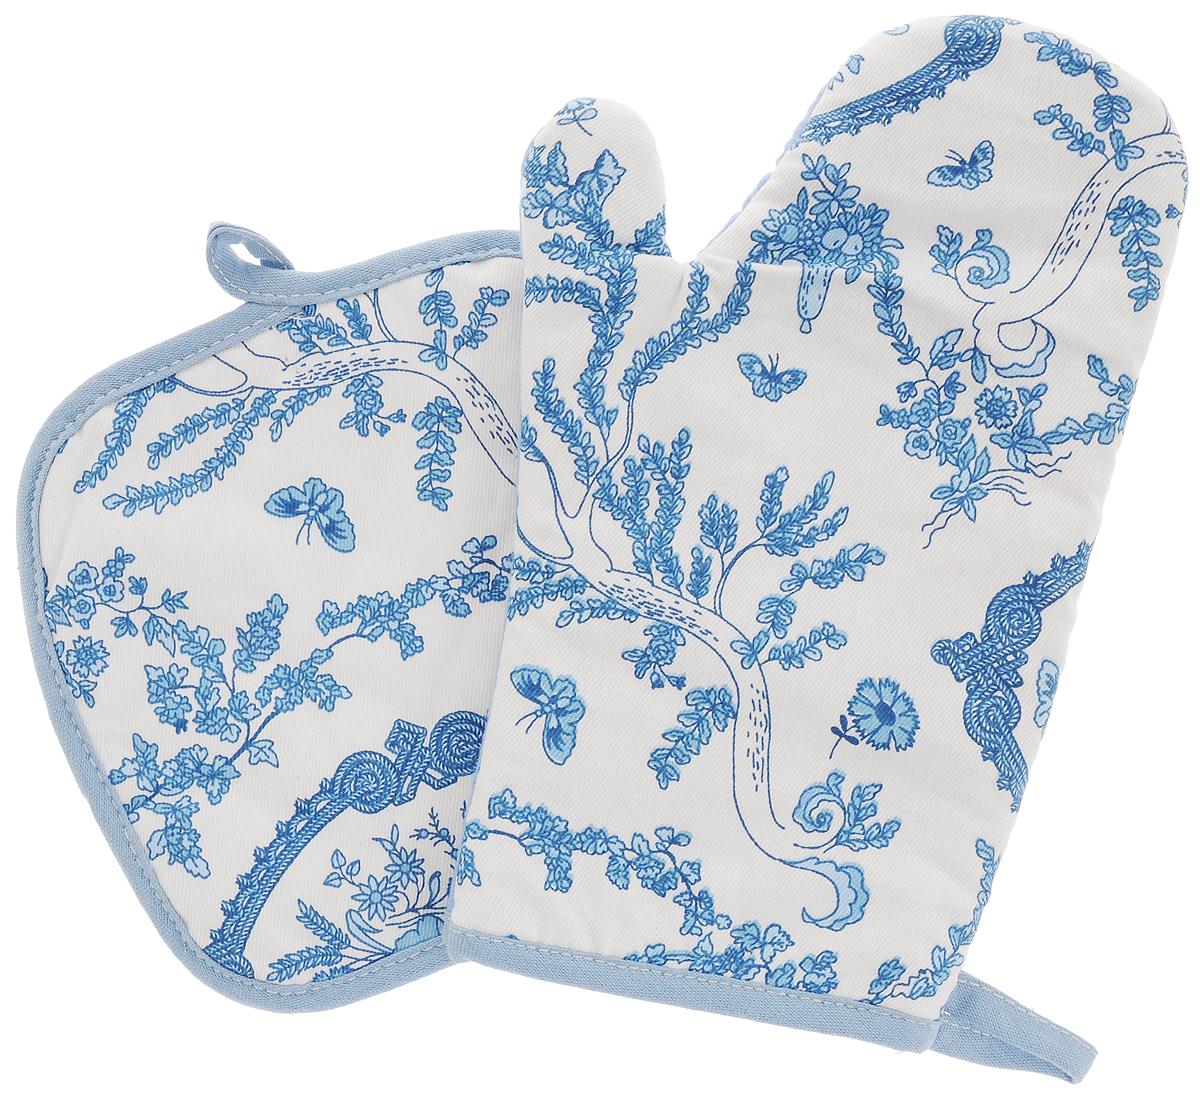 Набор прихваток Bonita Жуи, 2 предмета11010815725_набор1Набор Bonita Жуи состоит из прихватки-рукавицы и квадратной прихватки. Изделия выполнены из натурального хлопка и декорированы оригинальным рисунком. Прихватки простеганы, а края окантованы. Оснащены специальными петельками, за которые их можно подвесить на крючок в любом удобном для вас месте. Такой набор красиво дополнит интерьер кухни. Размер прихватки-рукавицы: 16 х 28 см.Размер прихватки: 17 х 17 см.